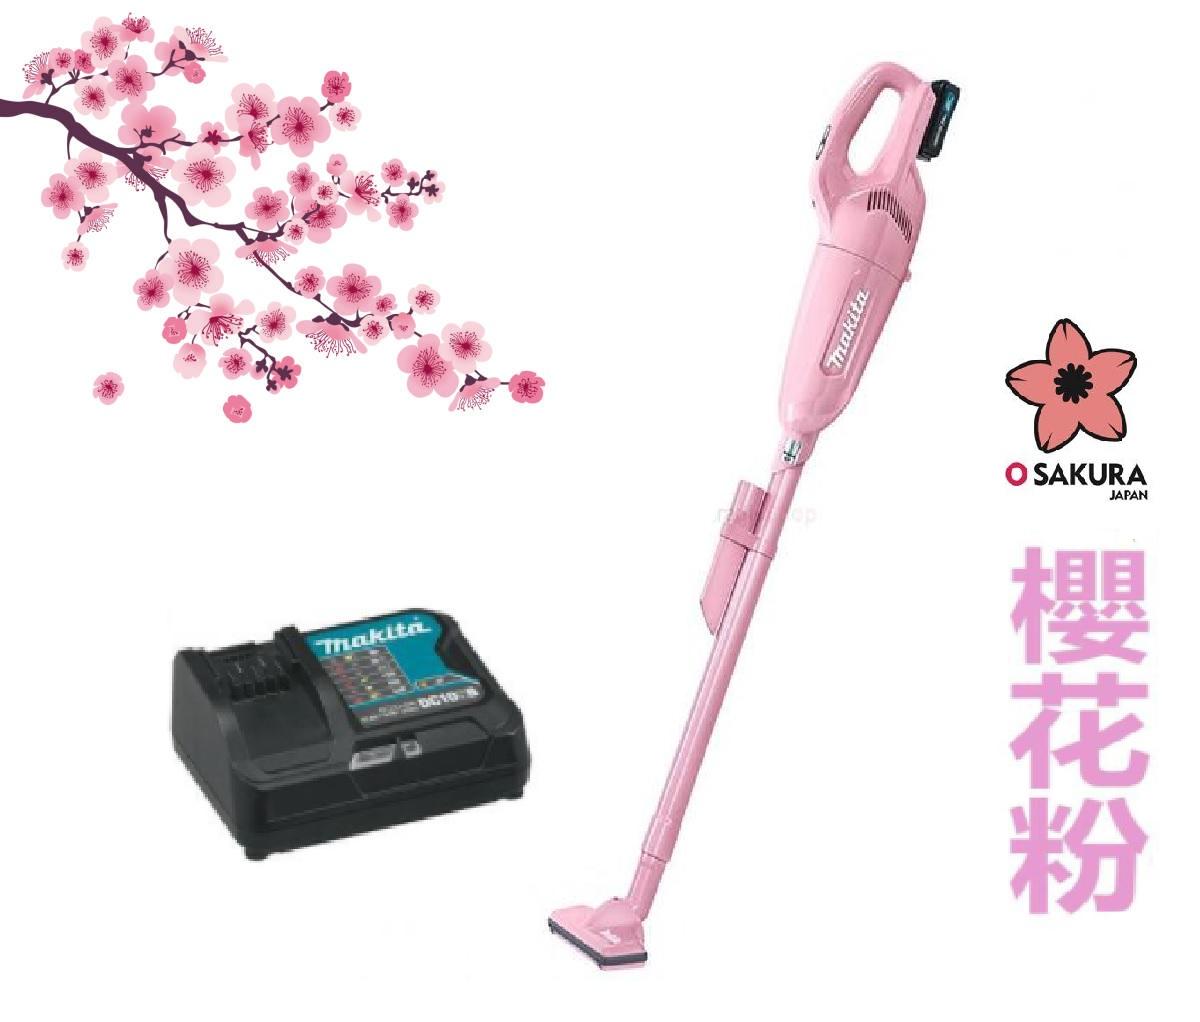 Makita CL108FDSAP 1 X 12V 2.0AH Sakura Pink Edition Cordless Vacuum Cleaner